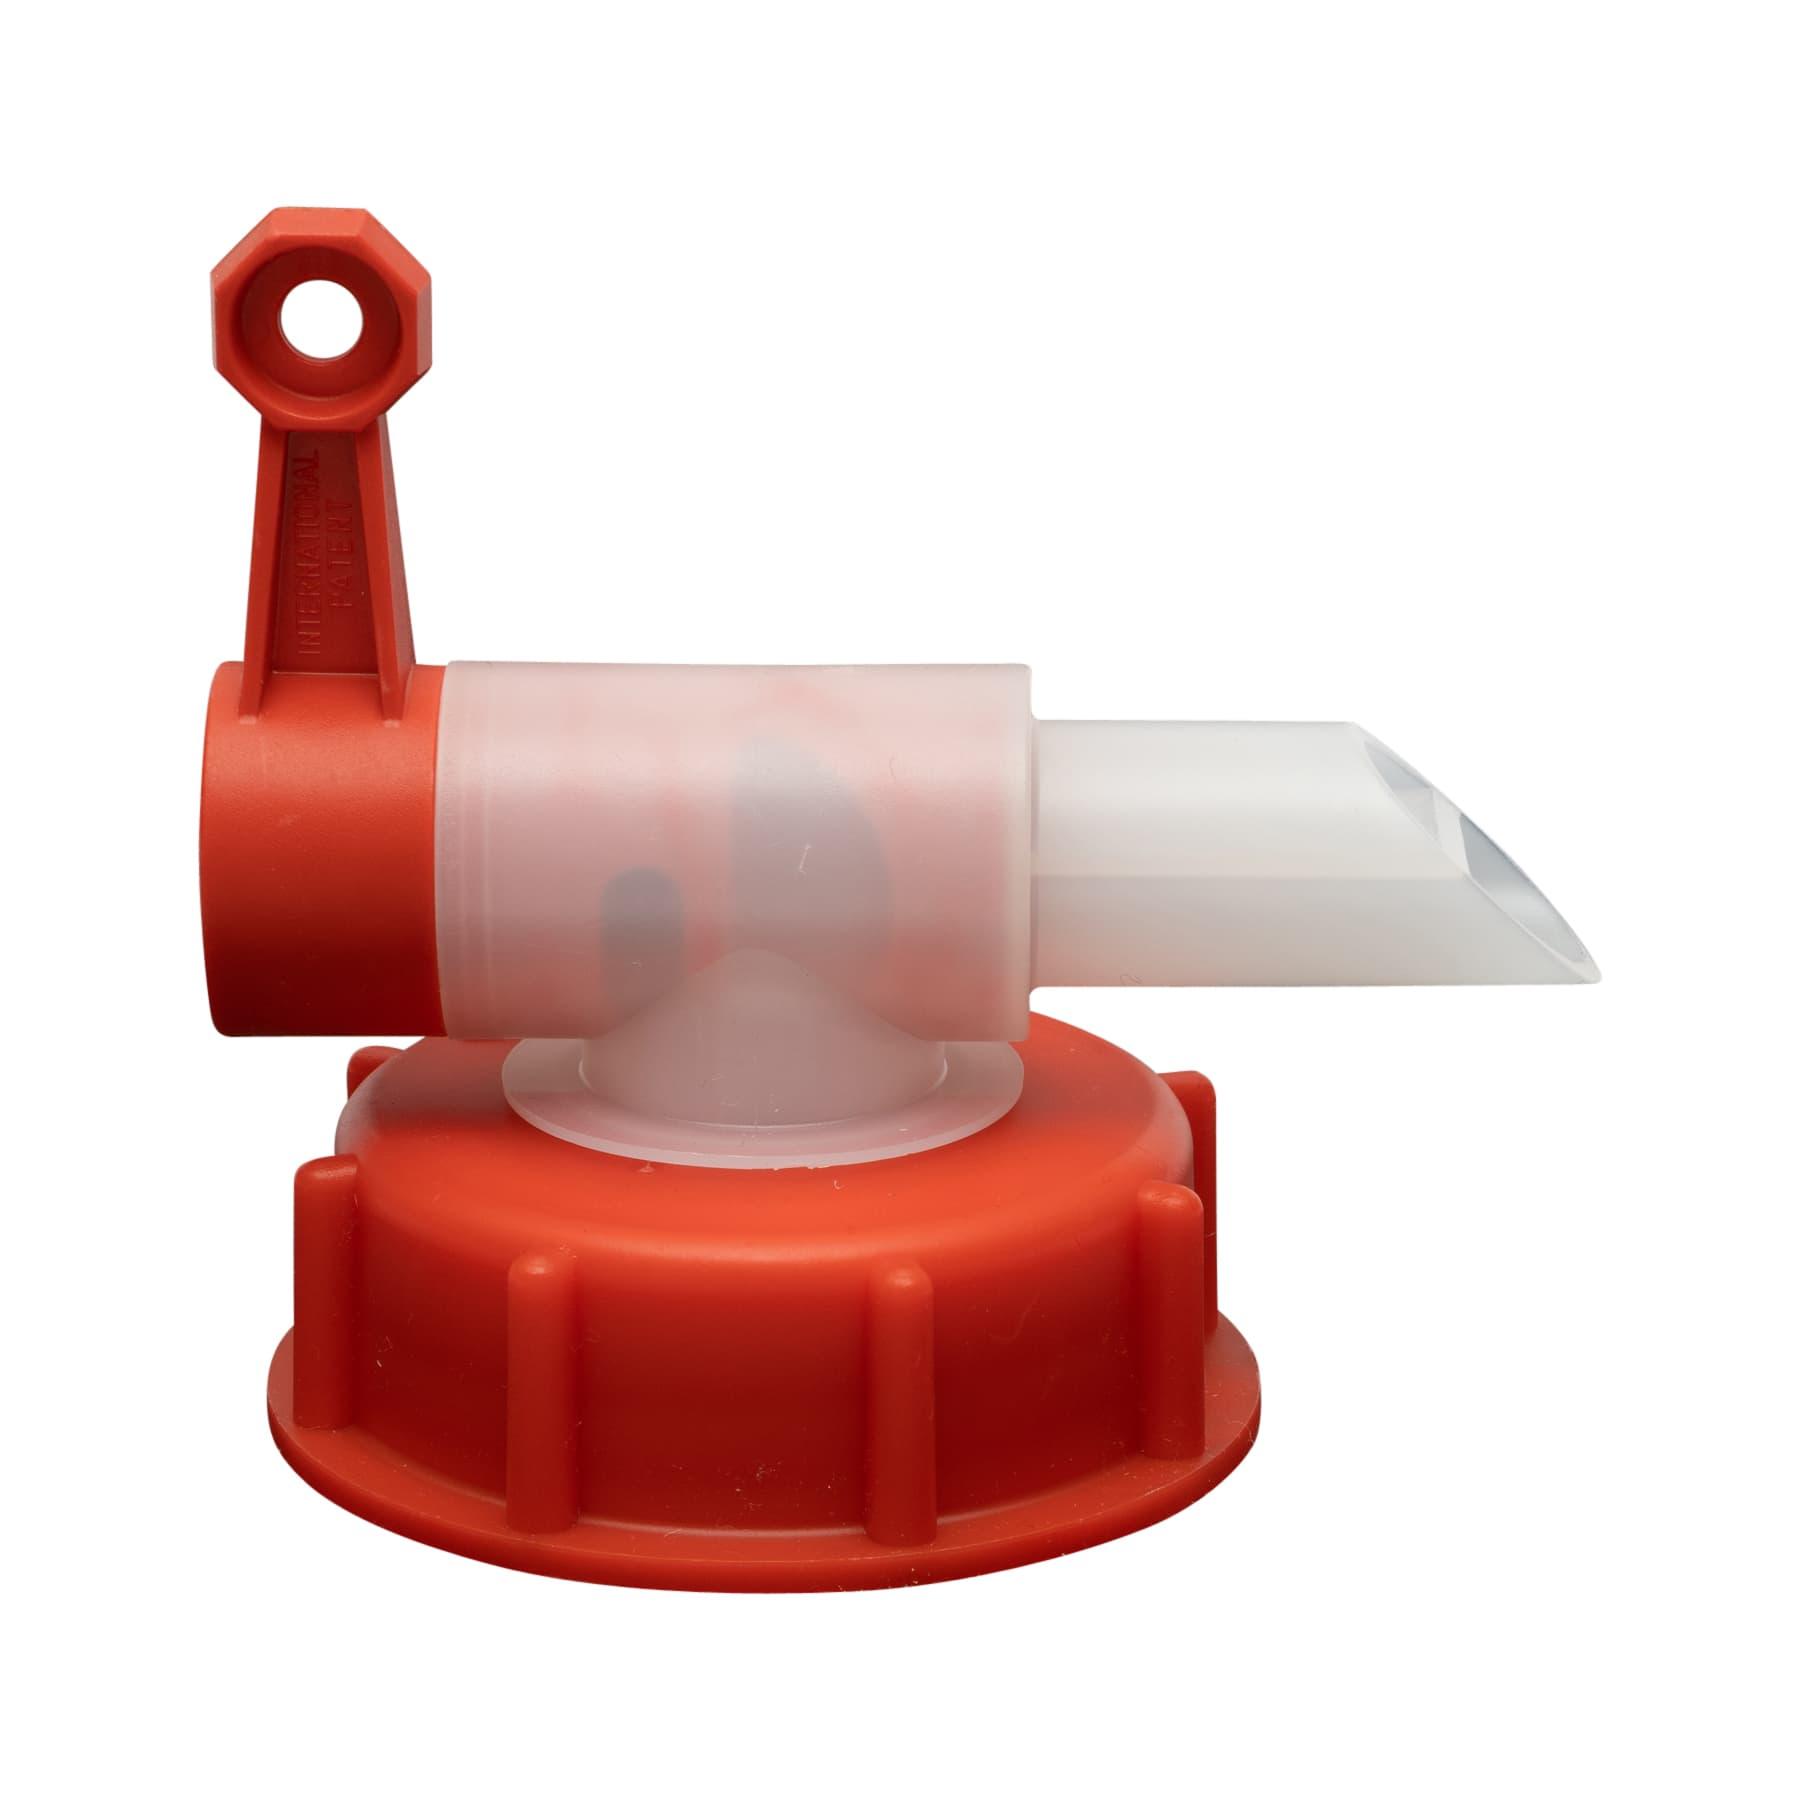 Dosierhahn für 30 L Kanister 61 mm Gewinde, 23 mm Öffnung